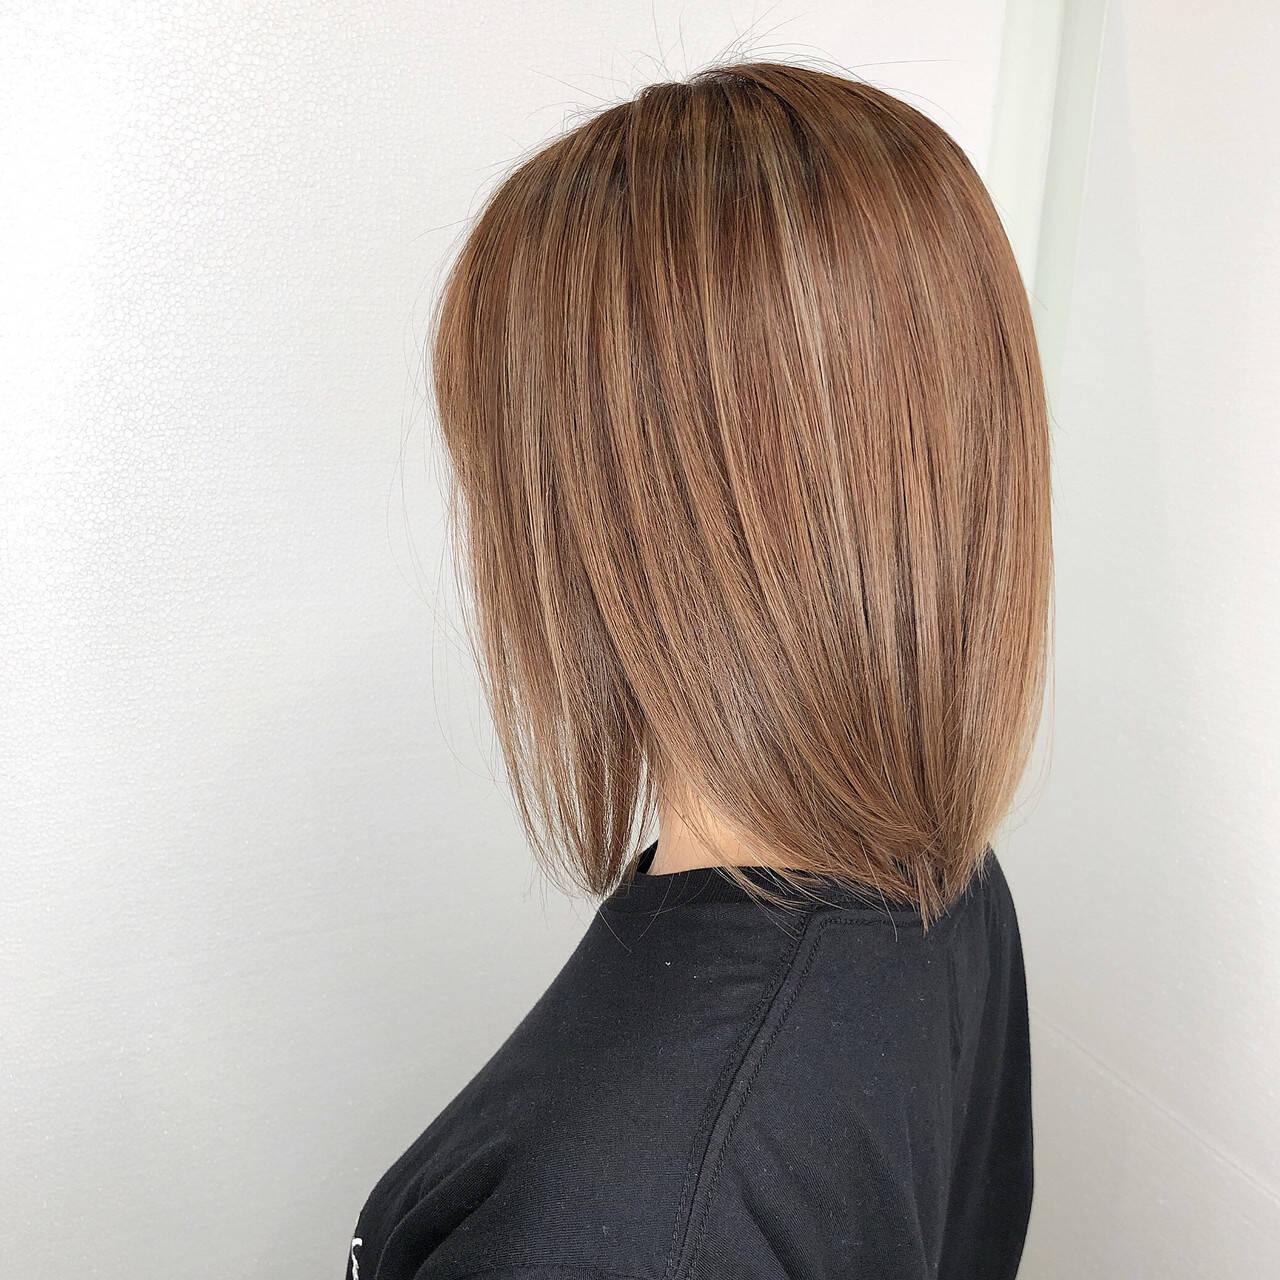 ストレート 髪質改善トリートメント ナチュラル ボブヘアスタイルや髪型の写真・画像